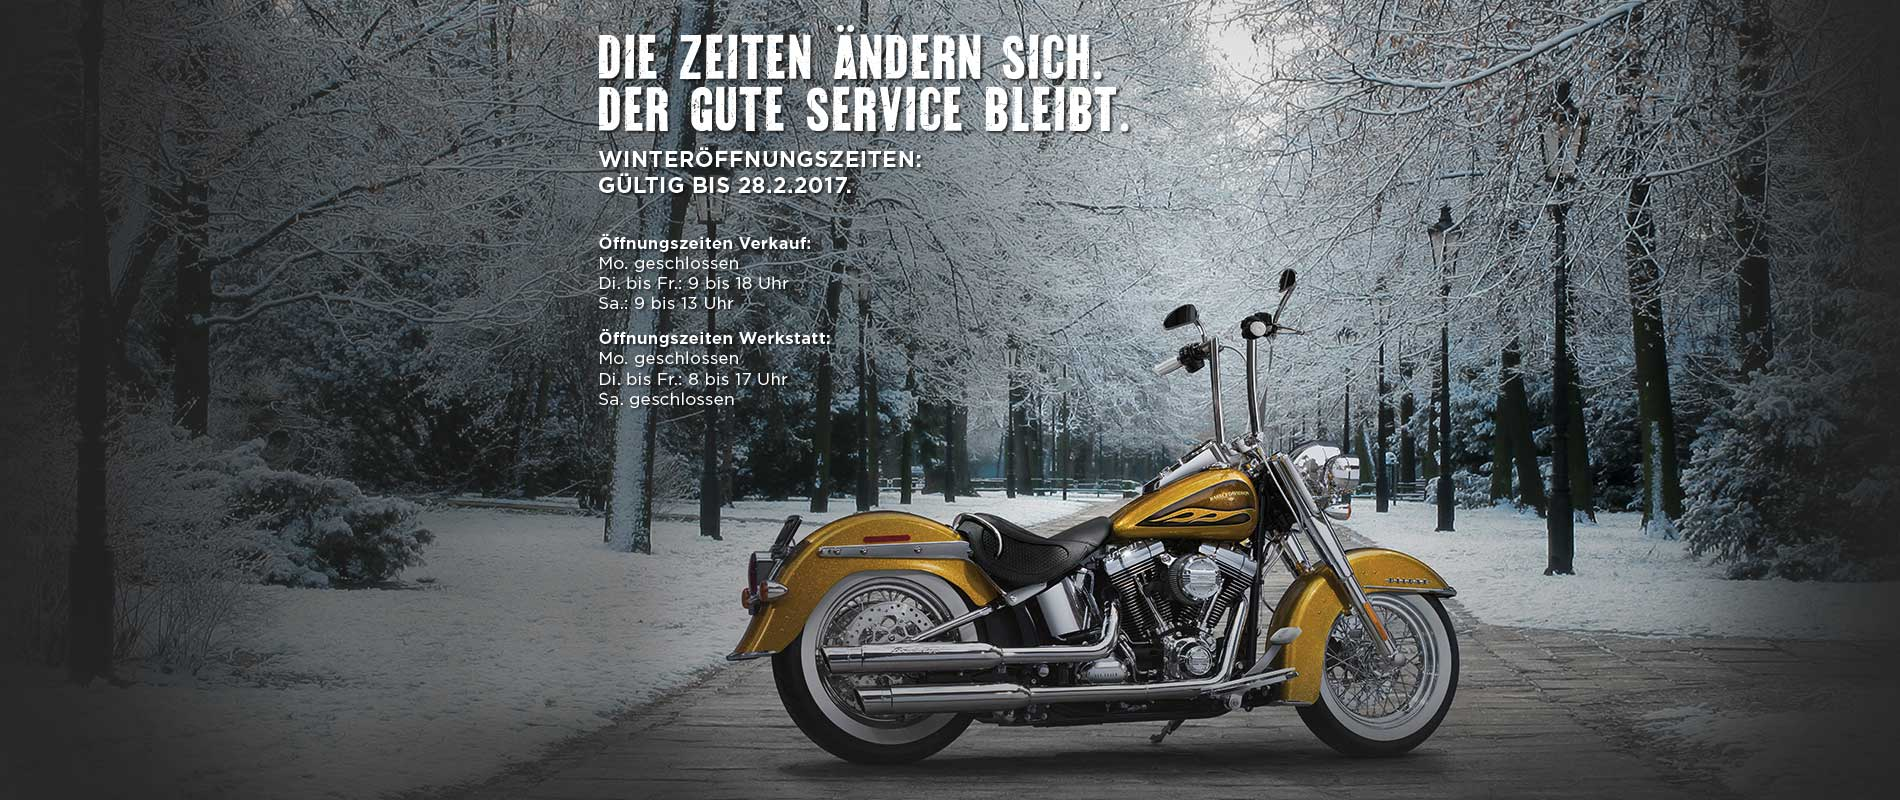 HD_Schwarzach_Billboards_Winteroeffnungszeiten